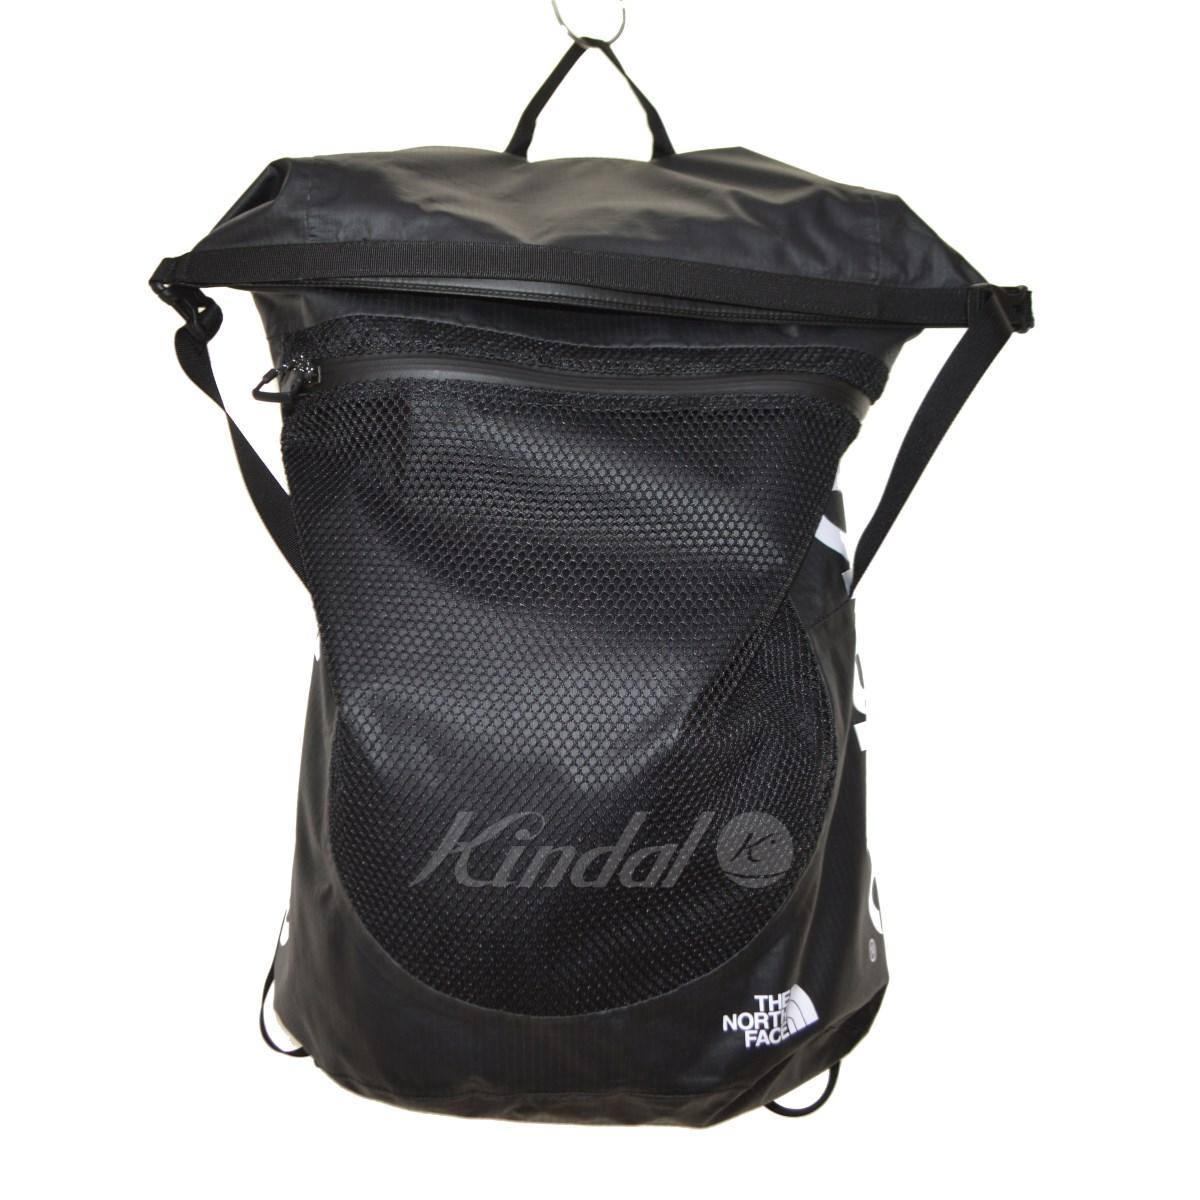 【中古】Supreme×The North Face 17SS Waterproof Backpack バックパック ブラック サイズ:- 【送料無料】 【240918】(シュプリーム ザノースフェイス)